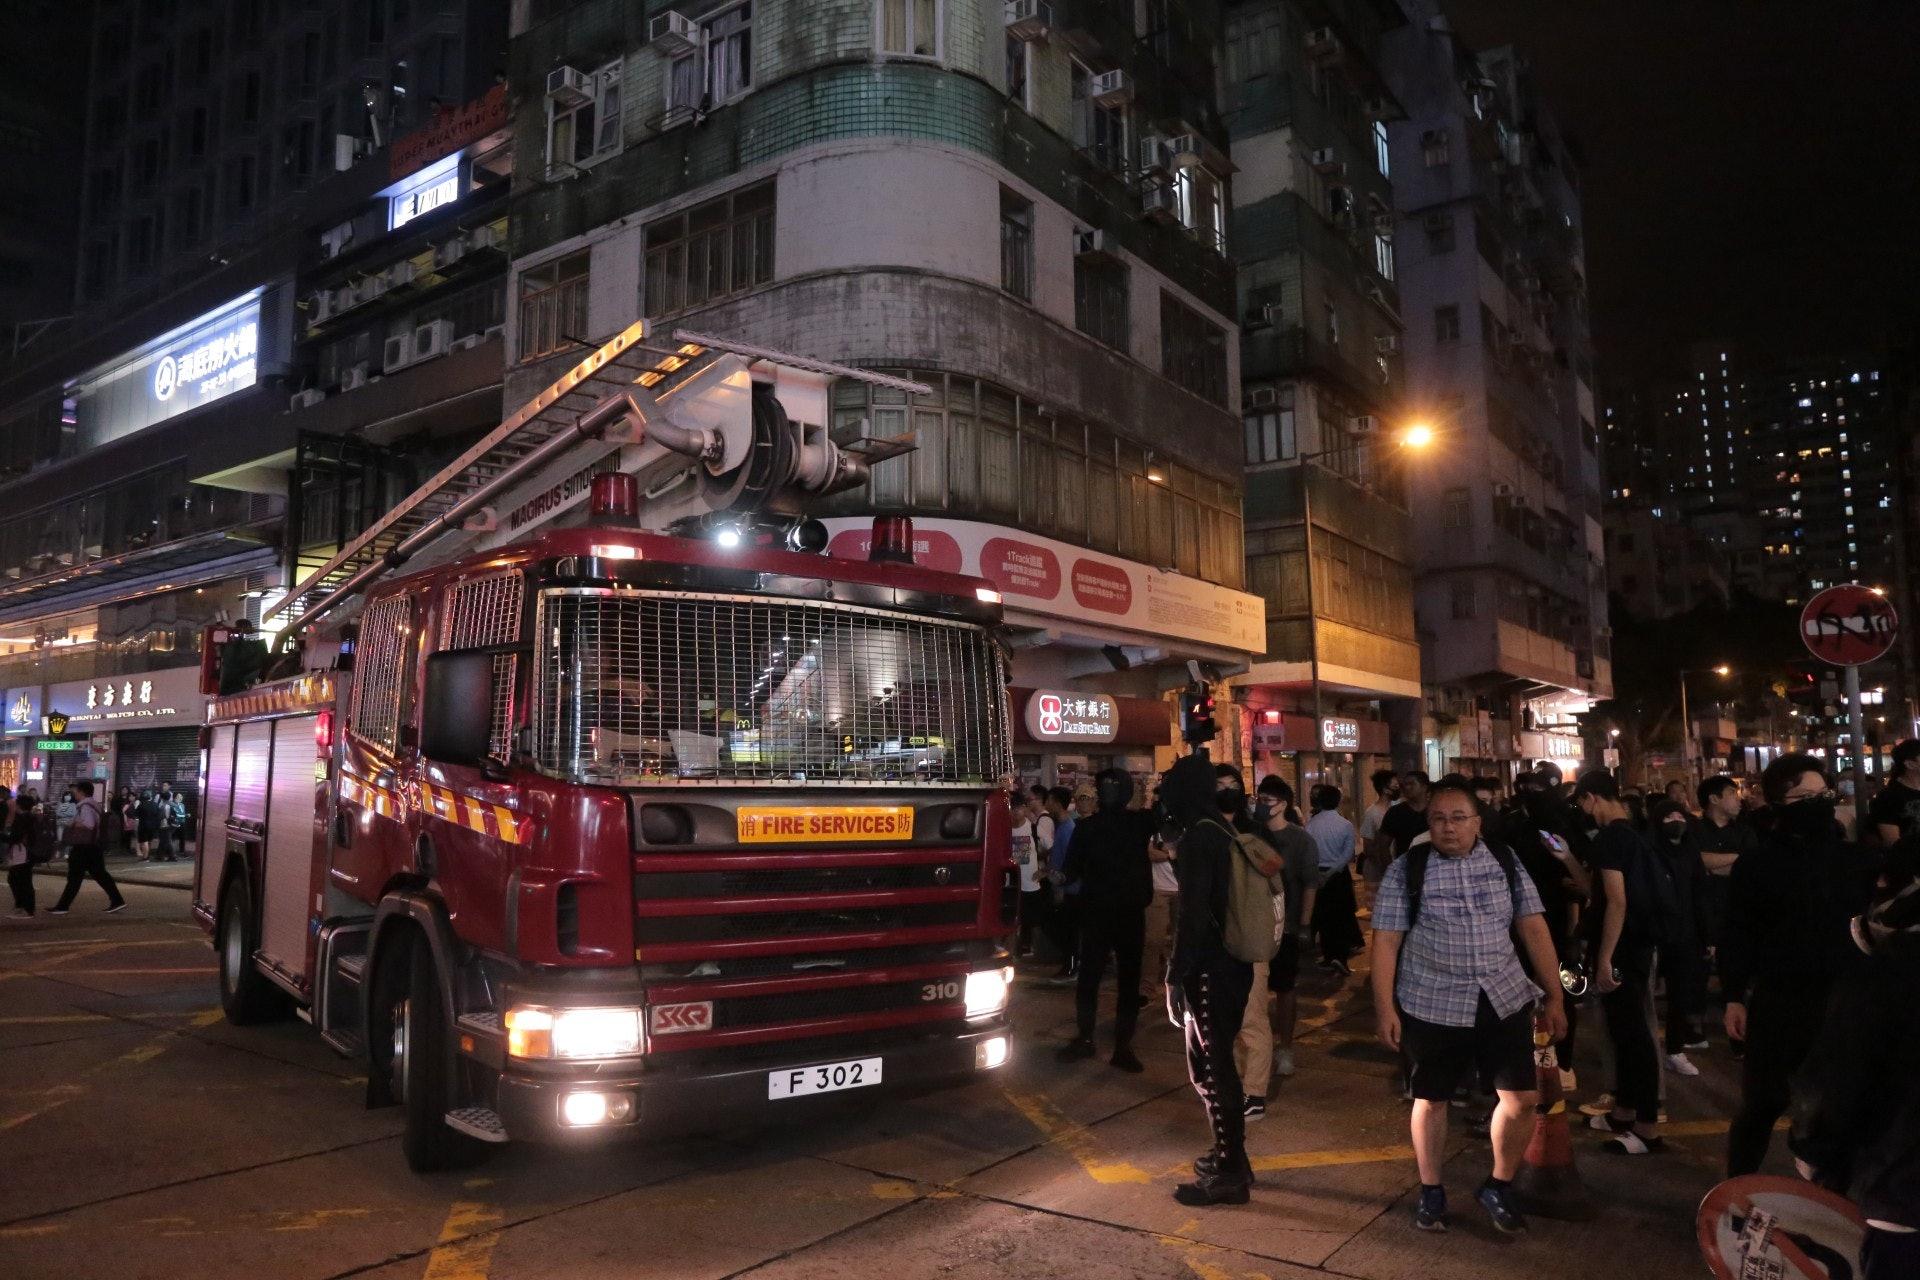 有示威者阻止消防车进入。(余睿菁摄)